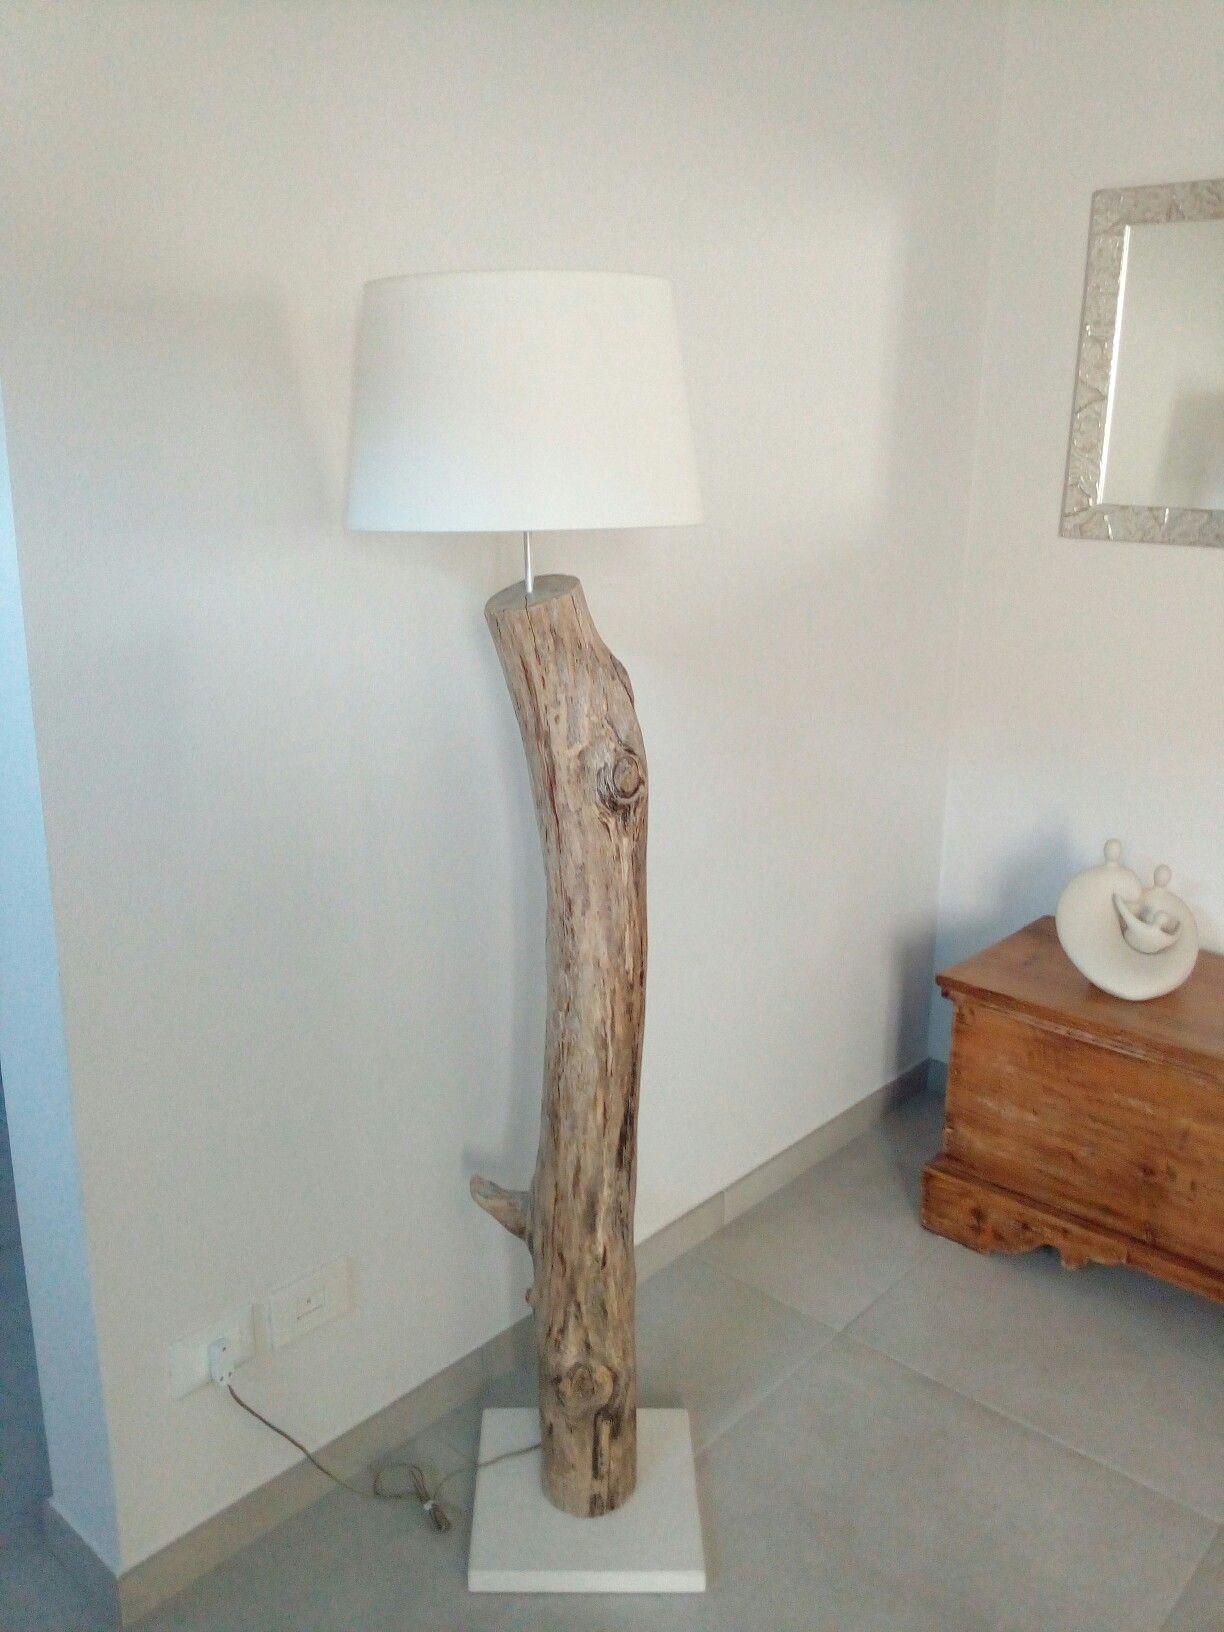 Illuminazione Per Casa Al Mare lampada con tronco di mare (con immagini) | idee per la casa